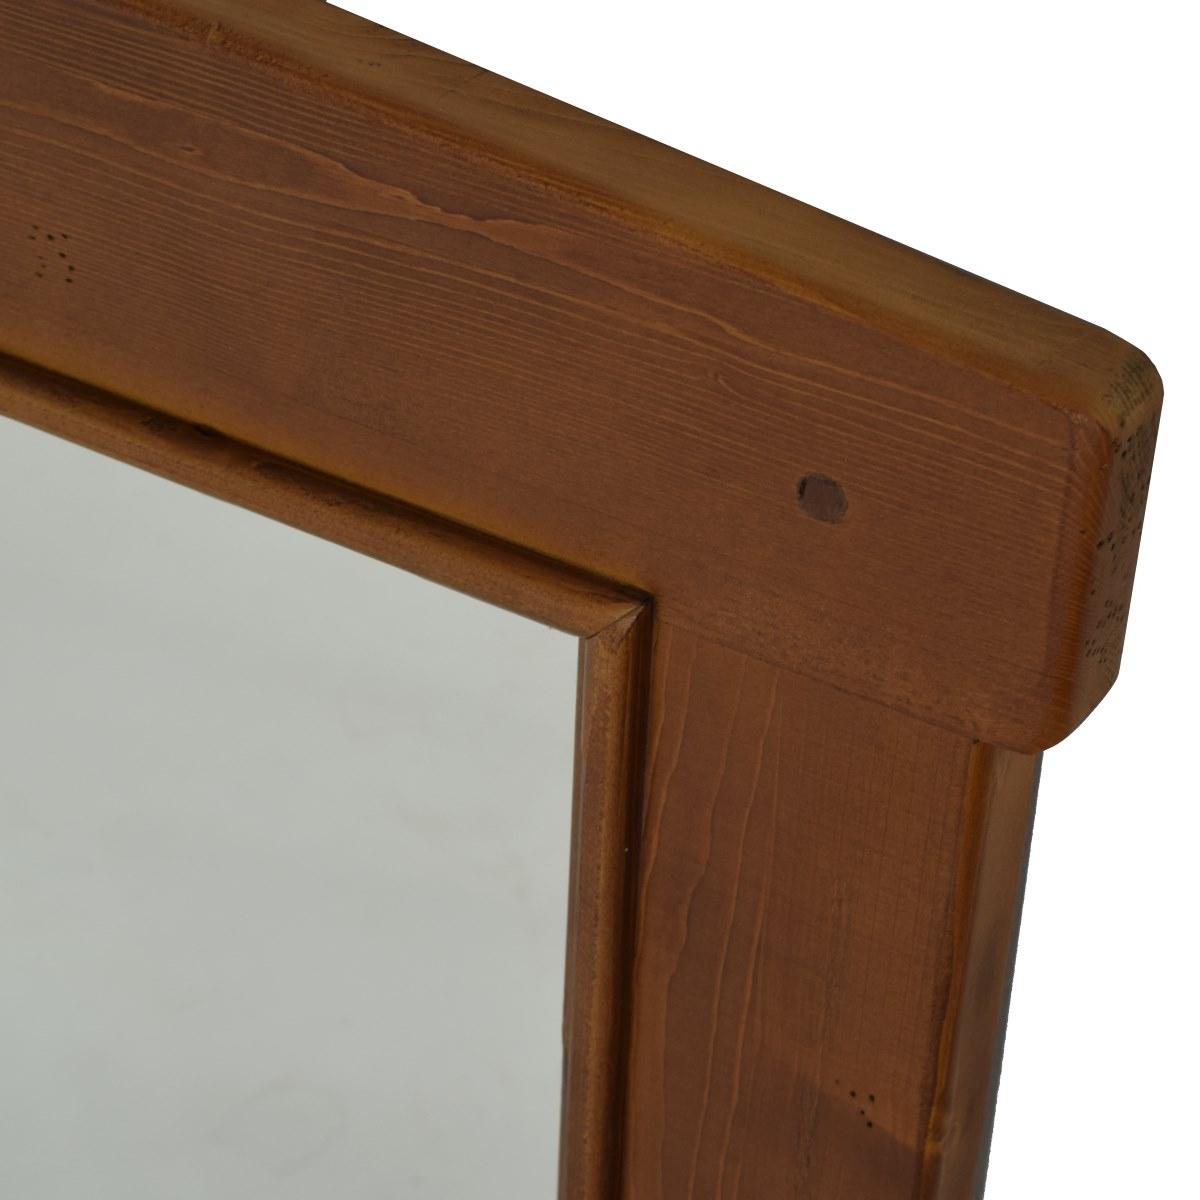 Espejo r stico rectangular mediano ecor stico venta de for Espejo rectangular